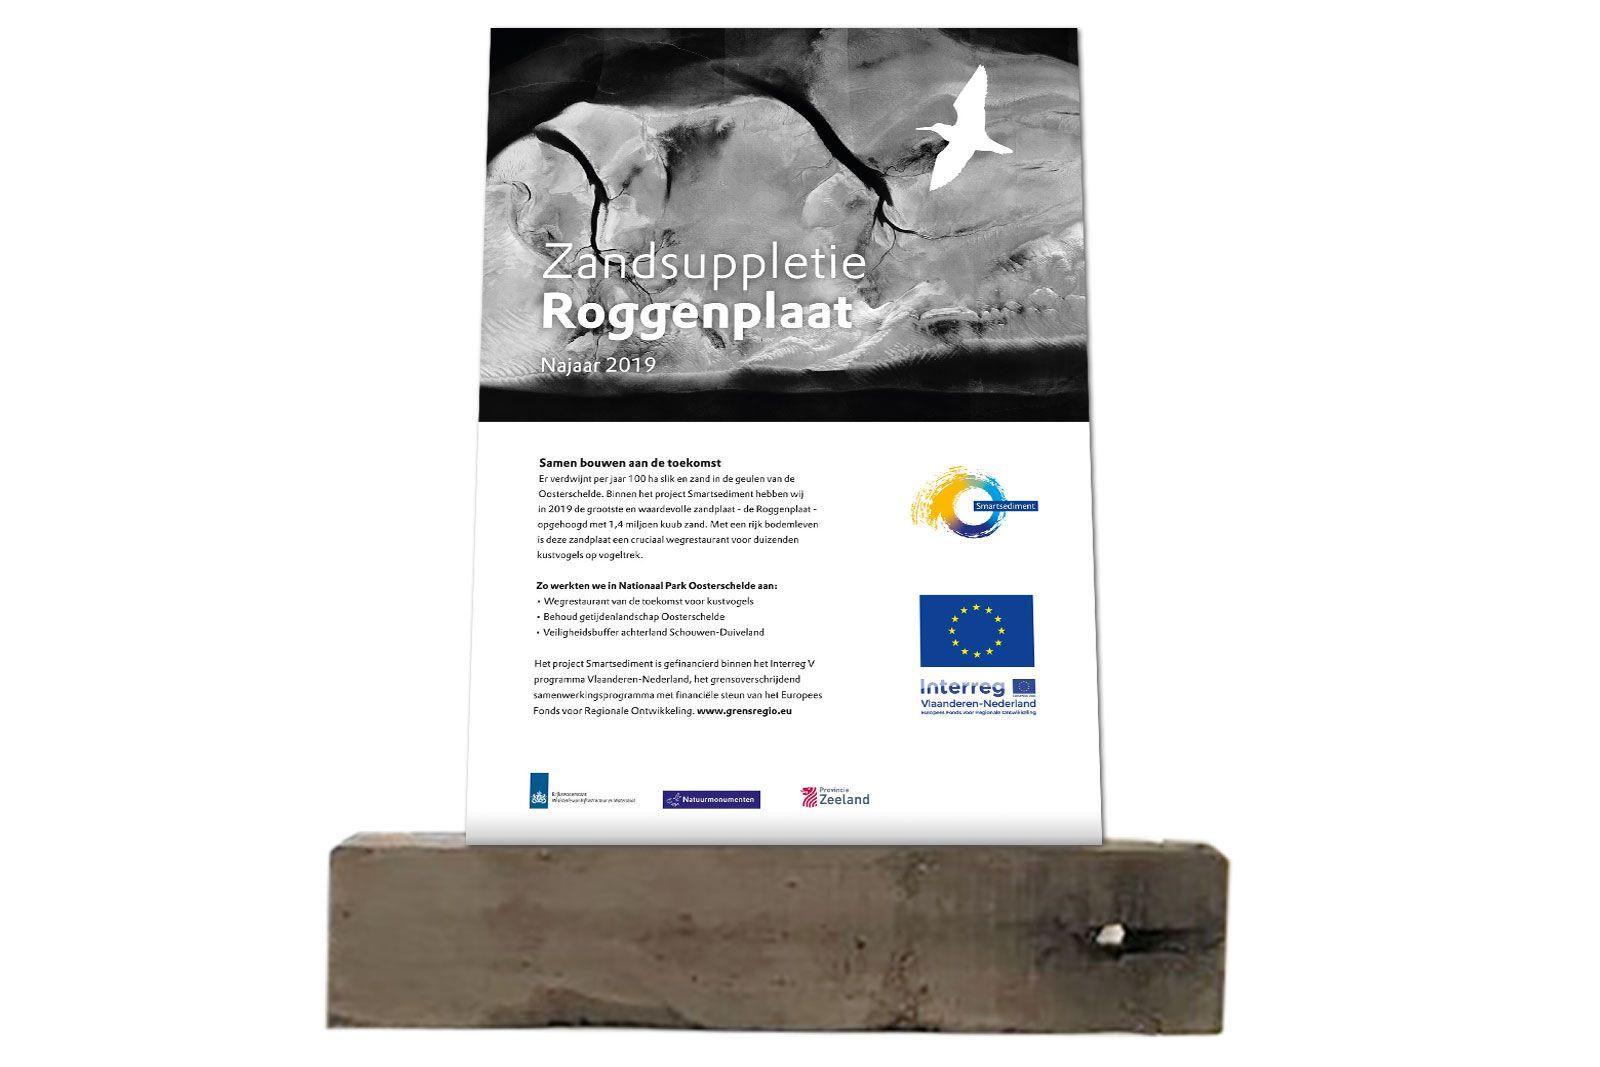 PLaquette Aluminium onderdruk onthulling door minister Roggeplaat vrijstaand 1600x1066 BJ 1